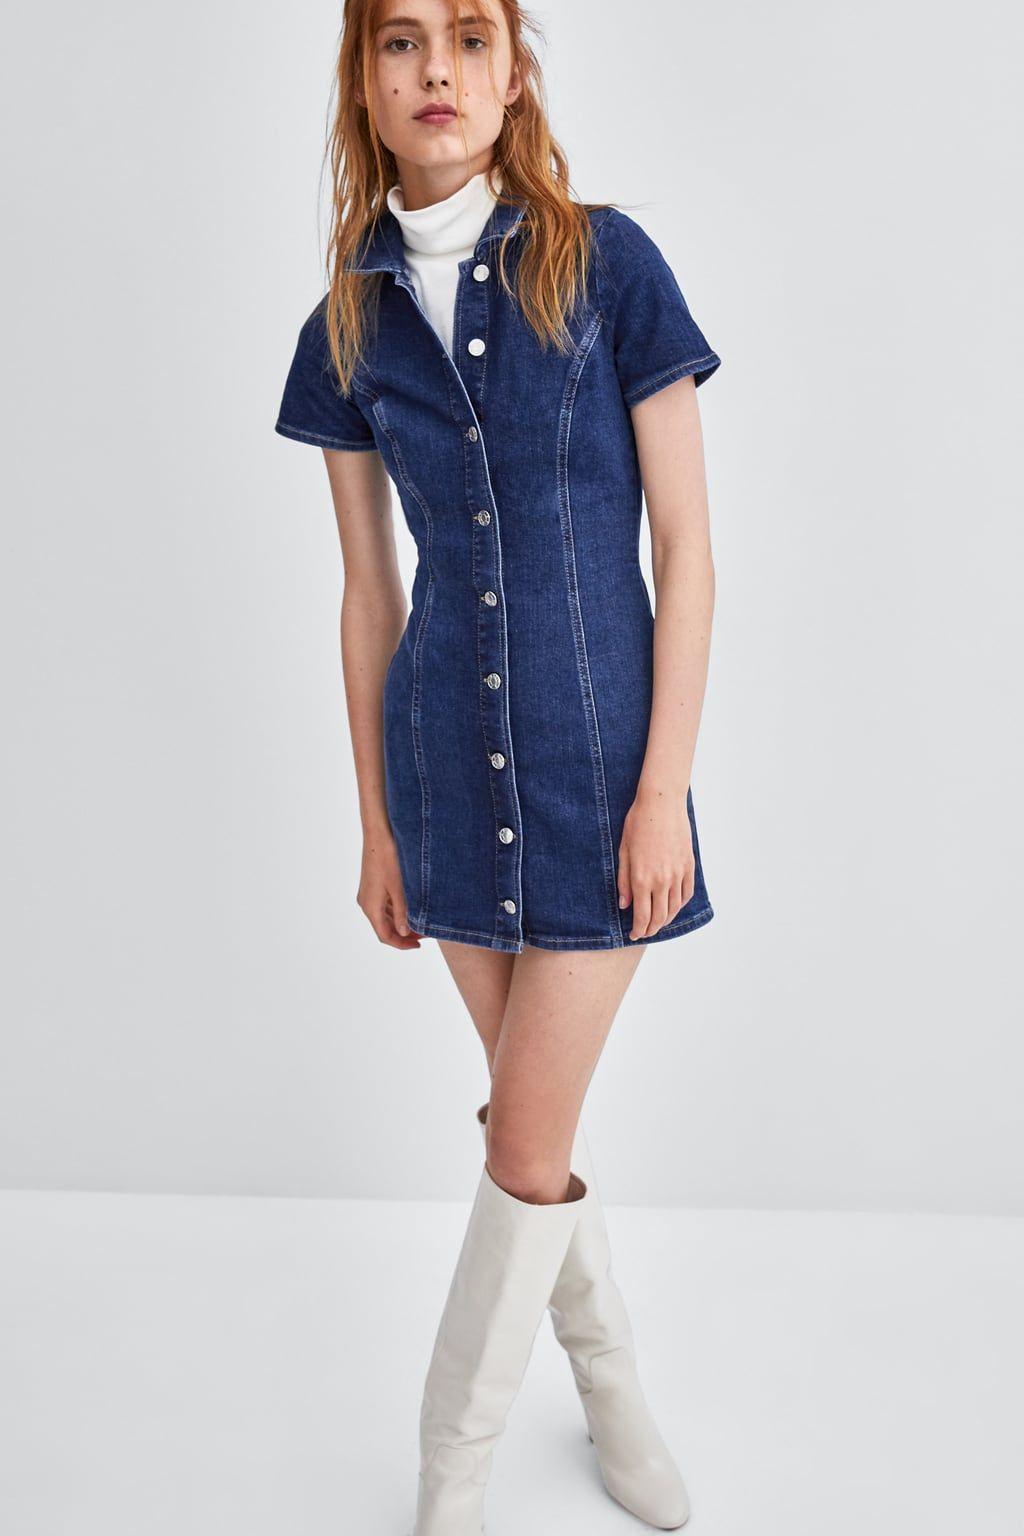 914ad5c0ca Image 2 of MINI DENIM DRESS from Zara | get in my closet in 2019 ...